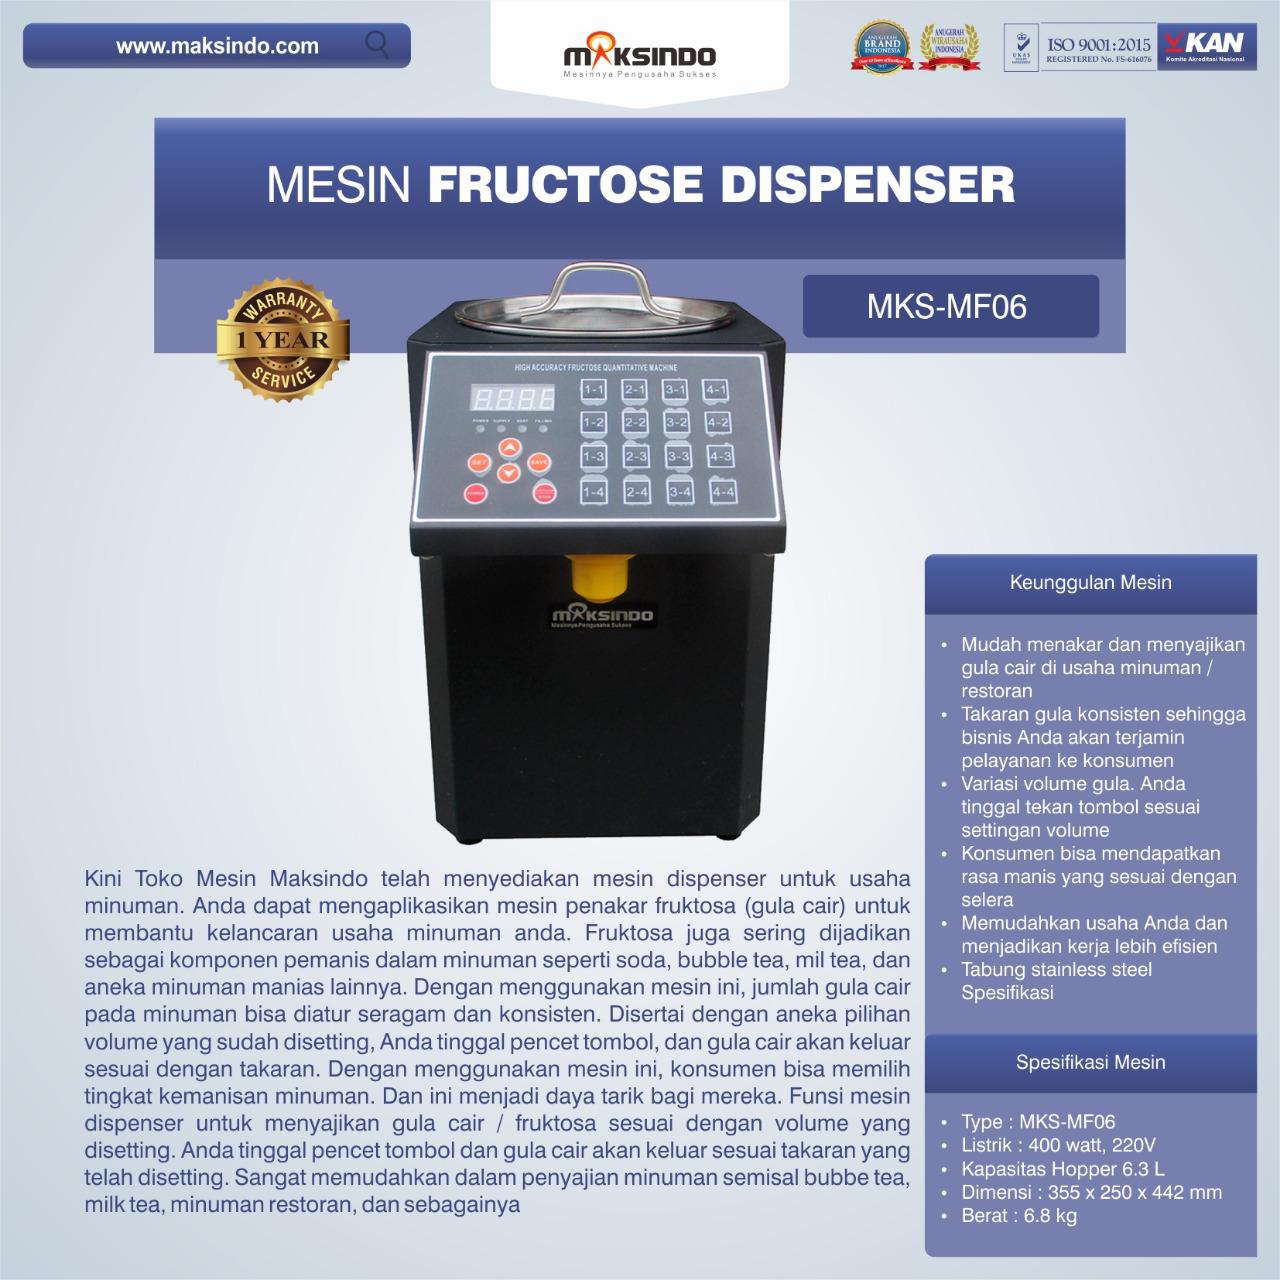 Jual Mesin Fructose Dispenser MKS-MF06 di Palembang